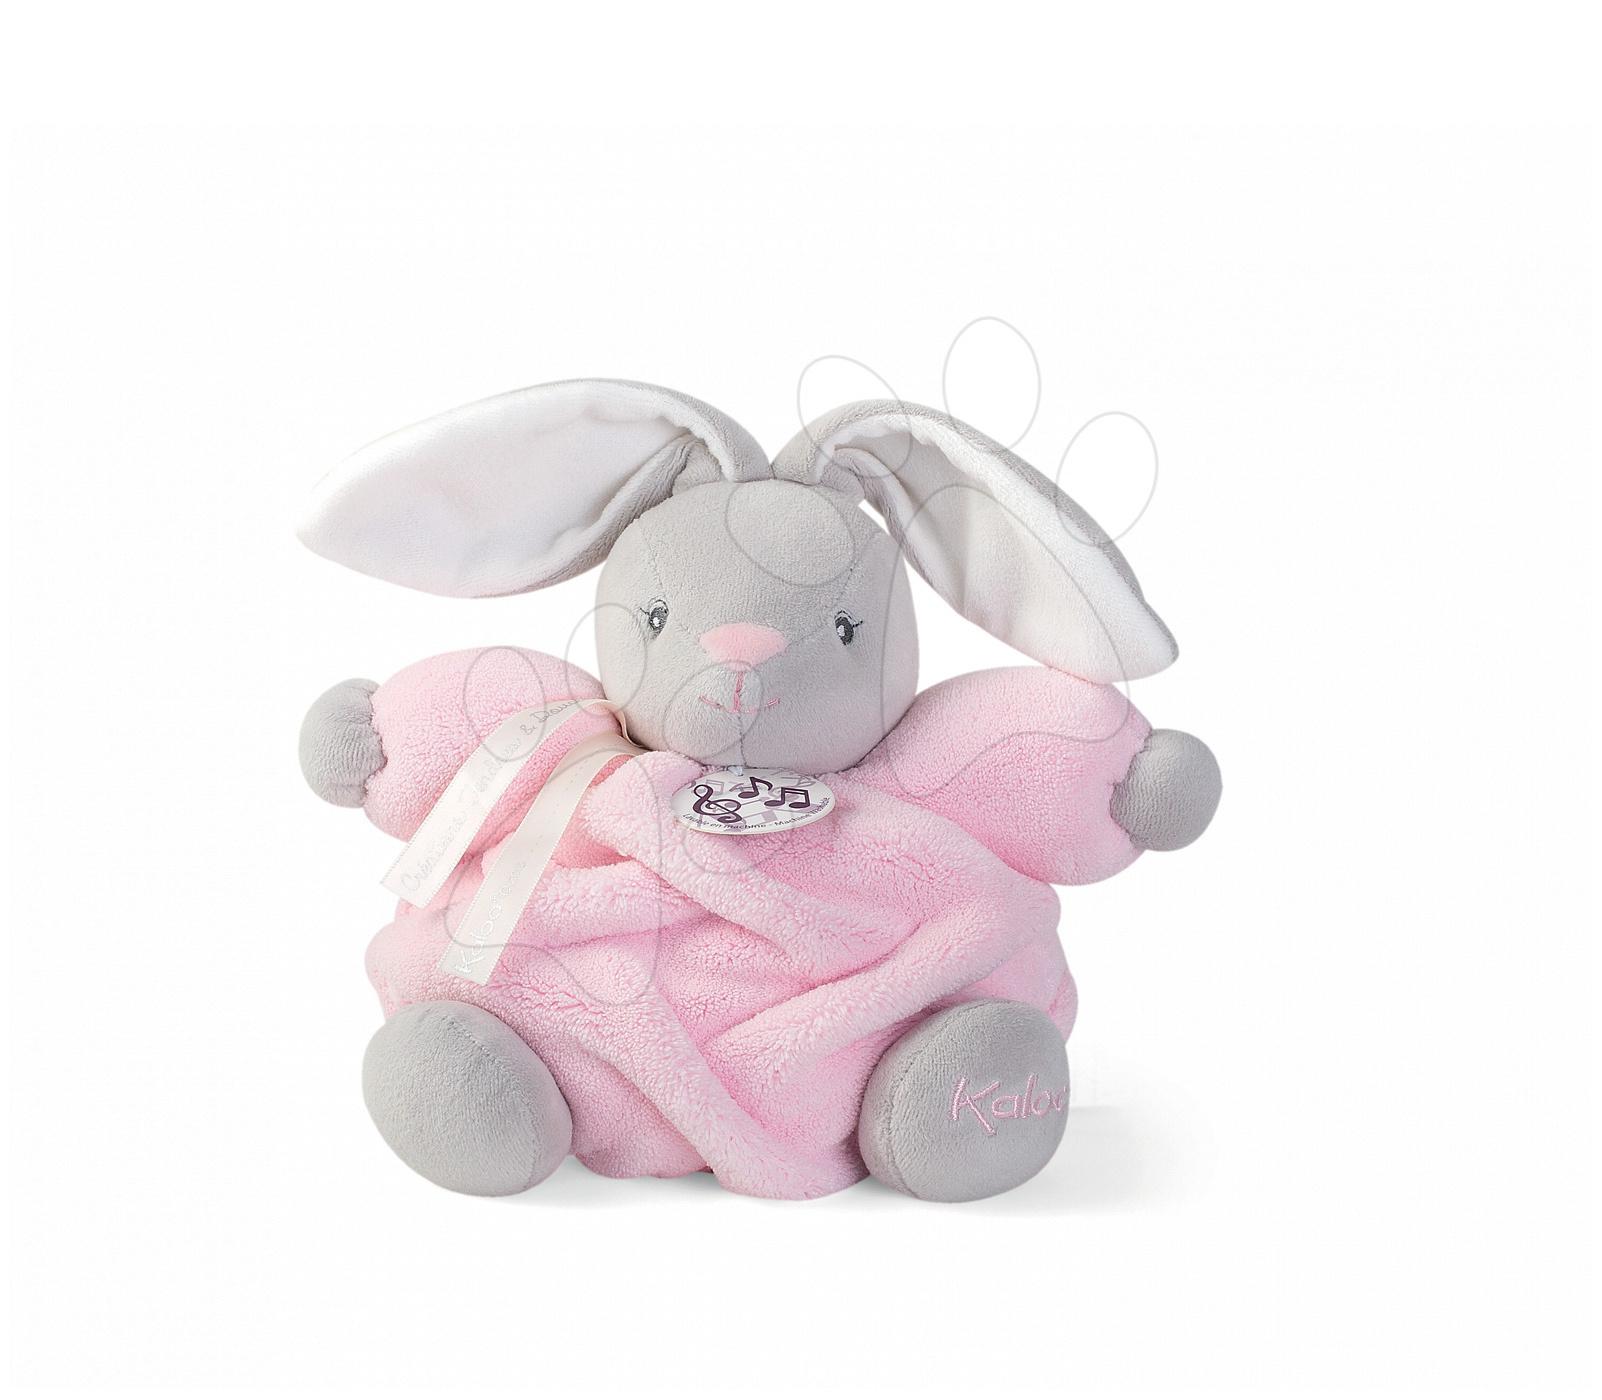 Plyšový zajačik Plume-P'tit Lapin Rose Musical Kaloo spievajúci 18 cm v darčekovom balení pre najmenších ružový